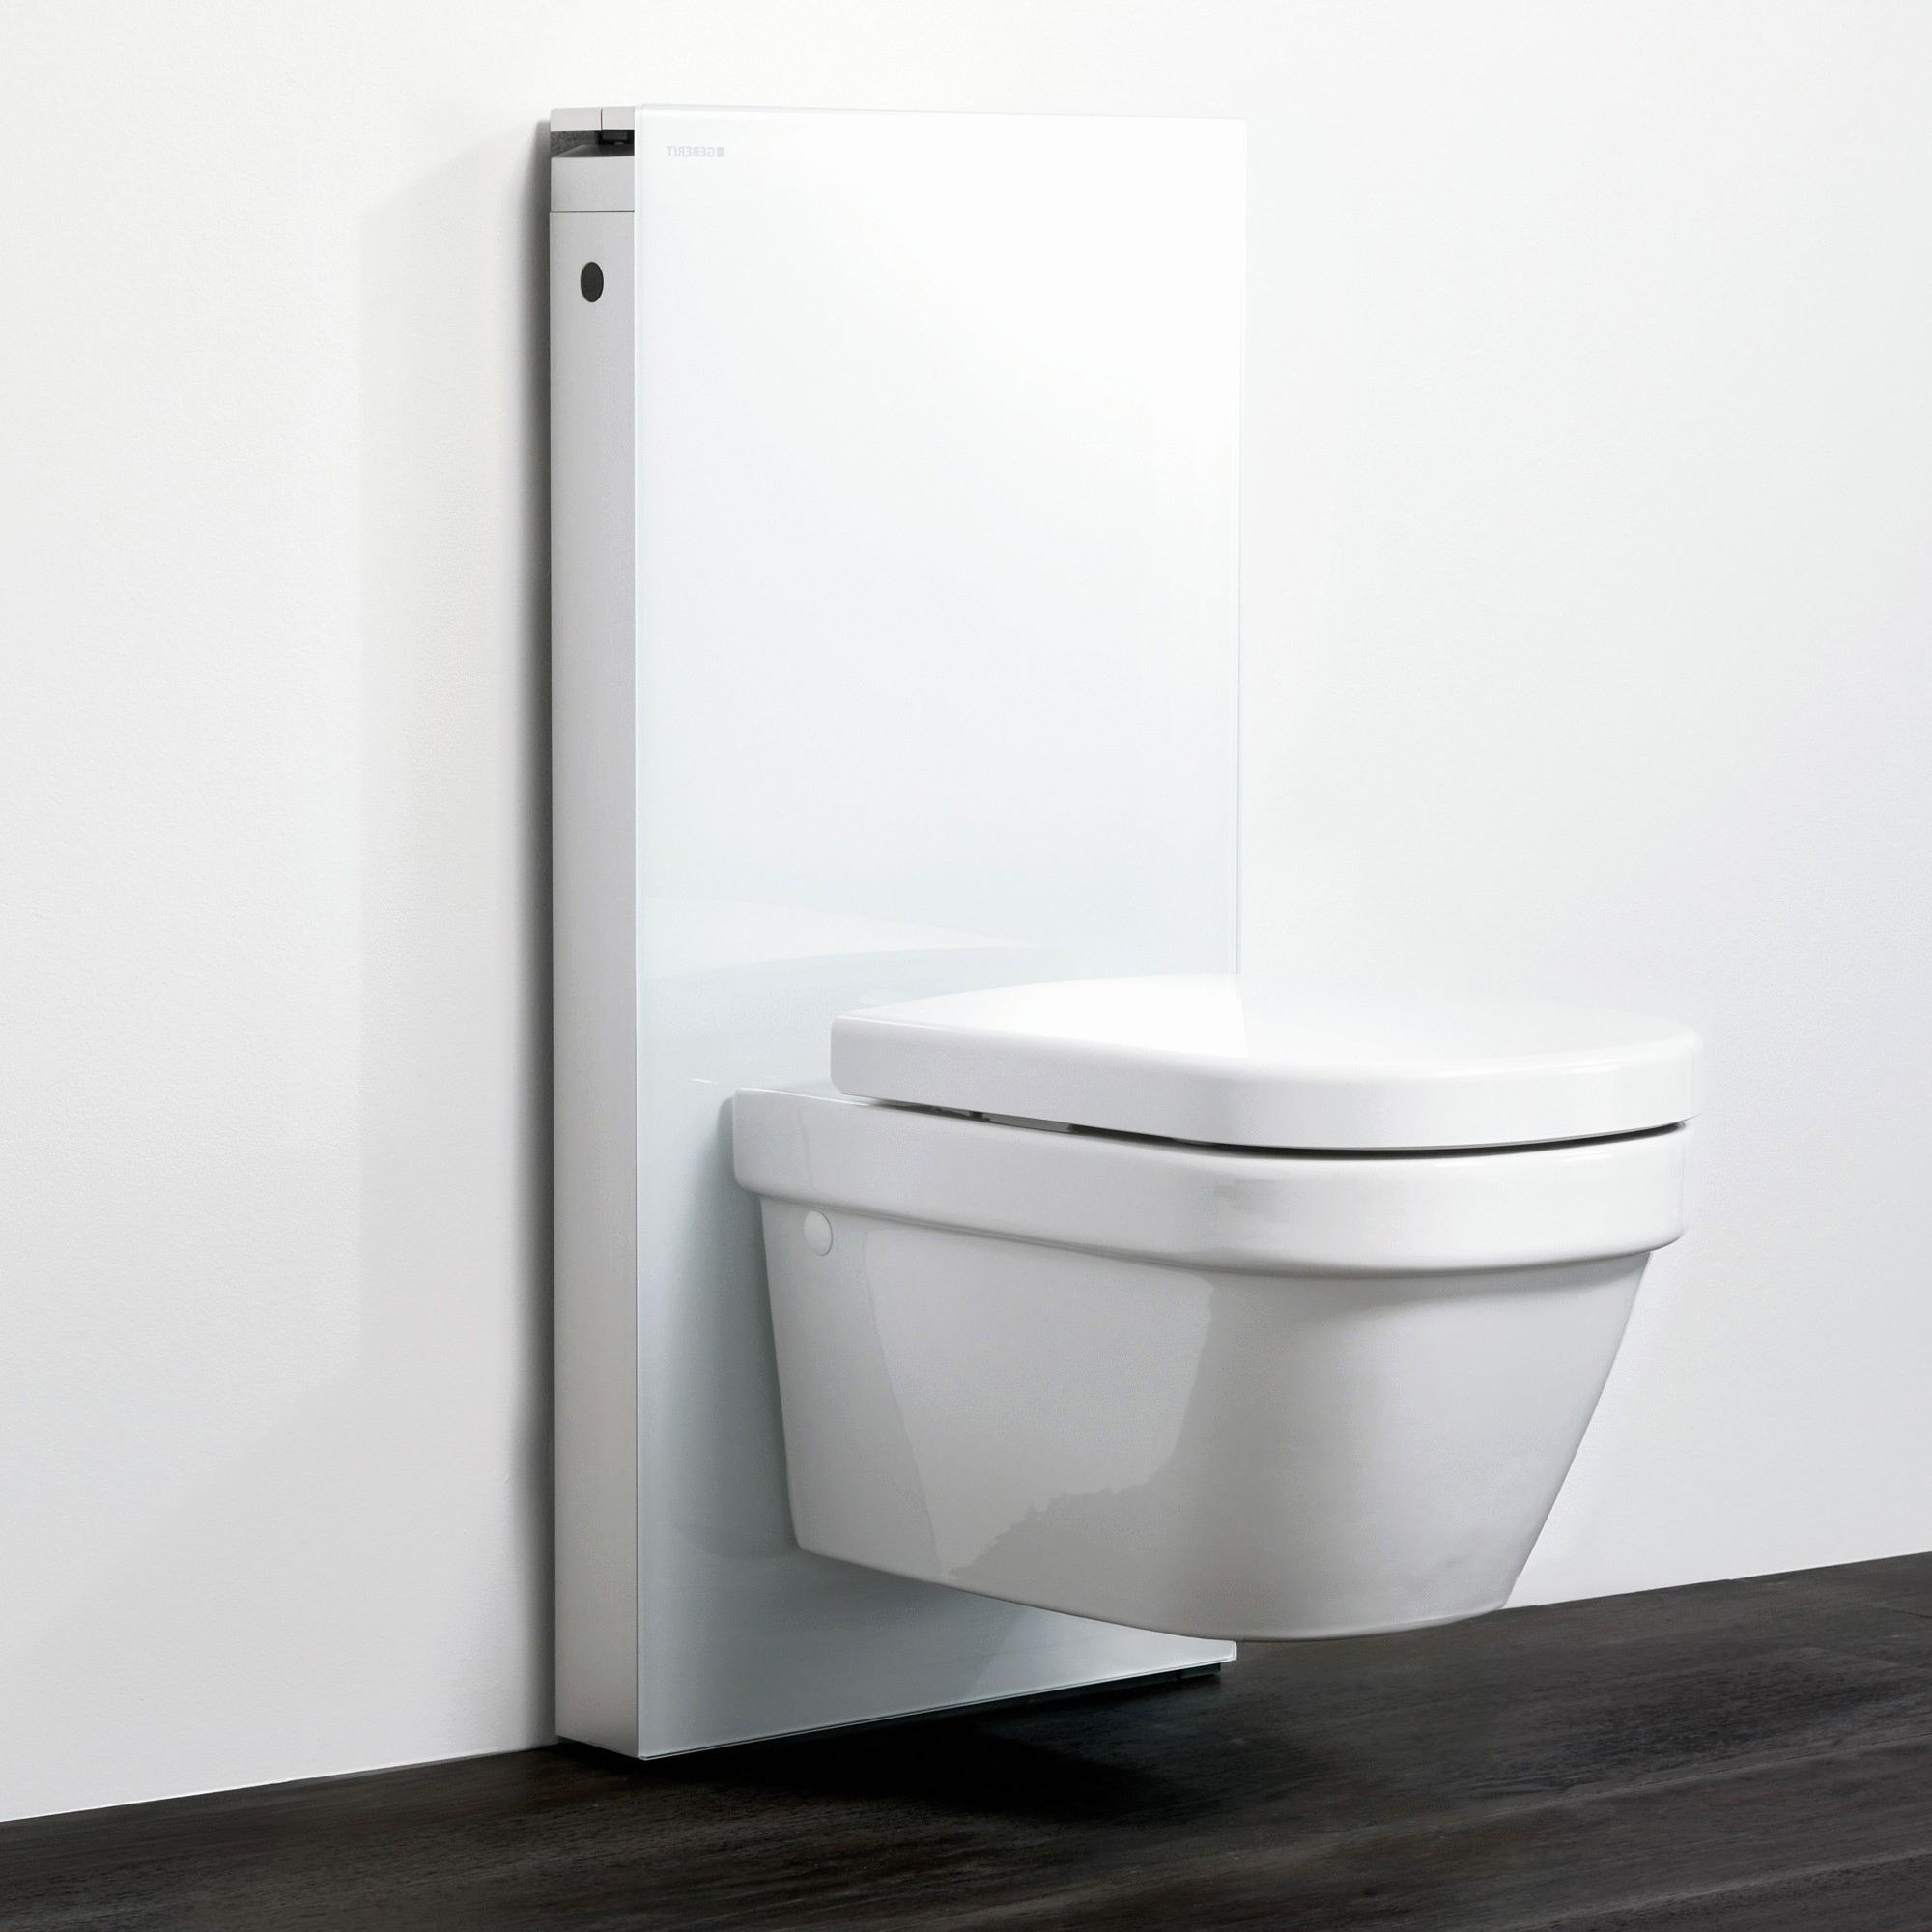 Meuble Pour Wc Suspendu Pas Cher - Salle De Bain serapportantà Toilette Suspendu Pas Cher